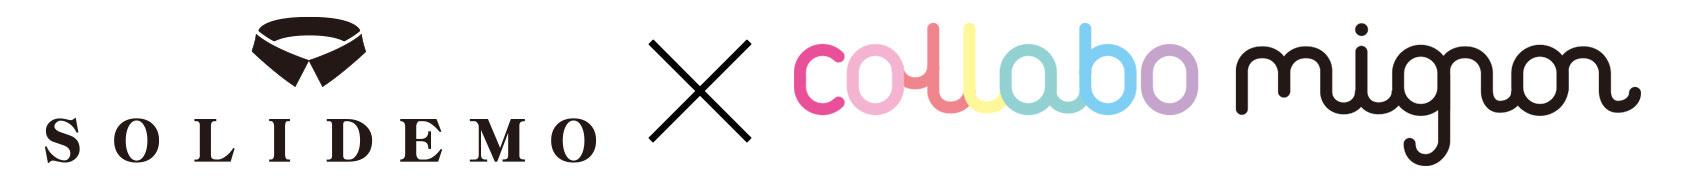 collabo mignon_logo